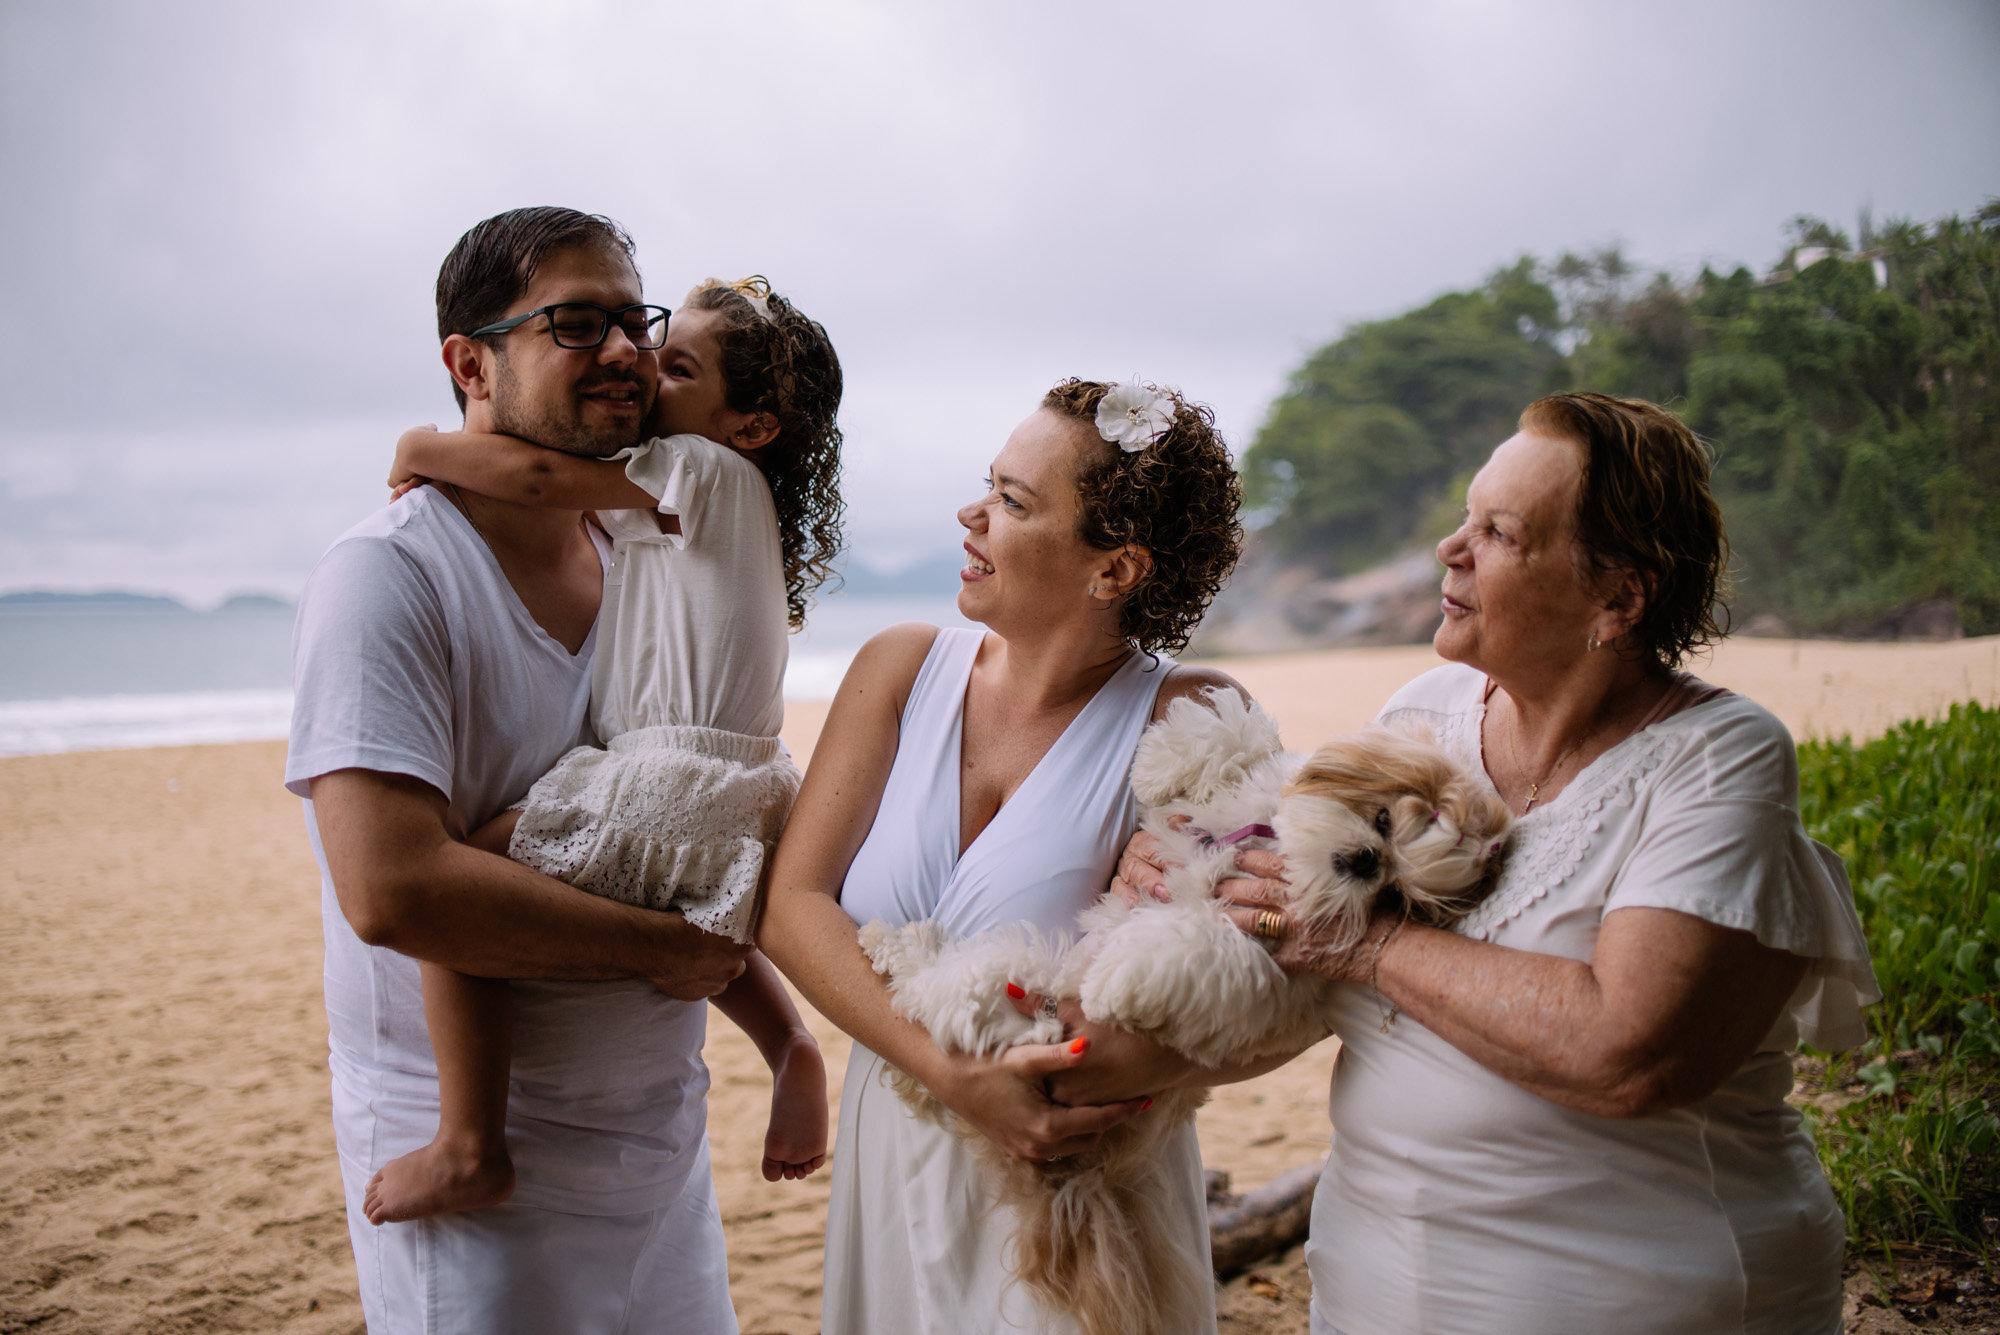 melhores fotos de família ubatuba